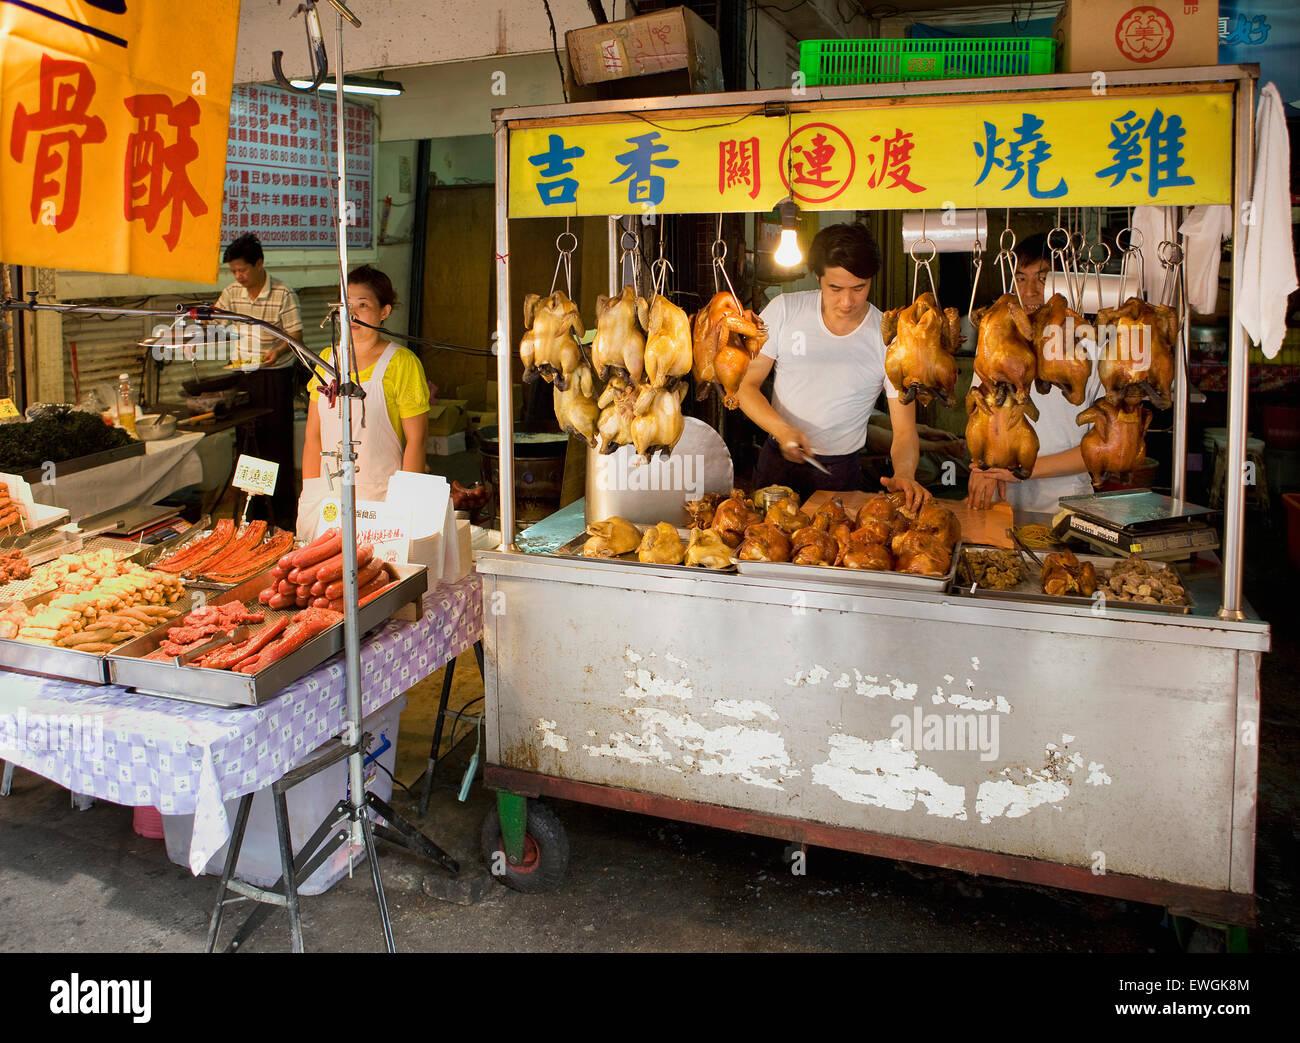 Cucina di strada fornitori in Taipei Taiwan Asia Immagini Stock